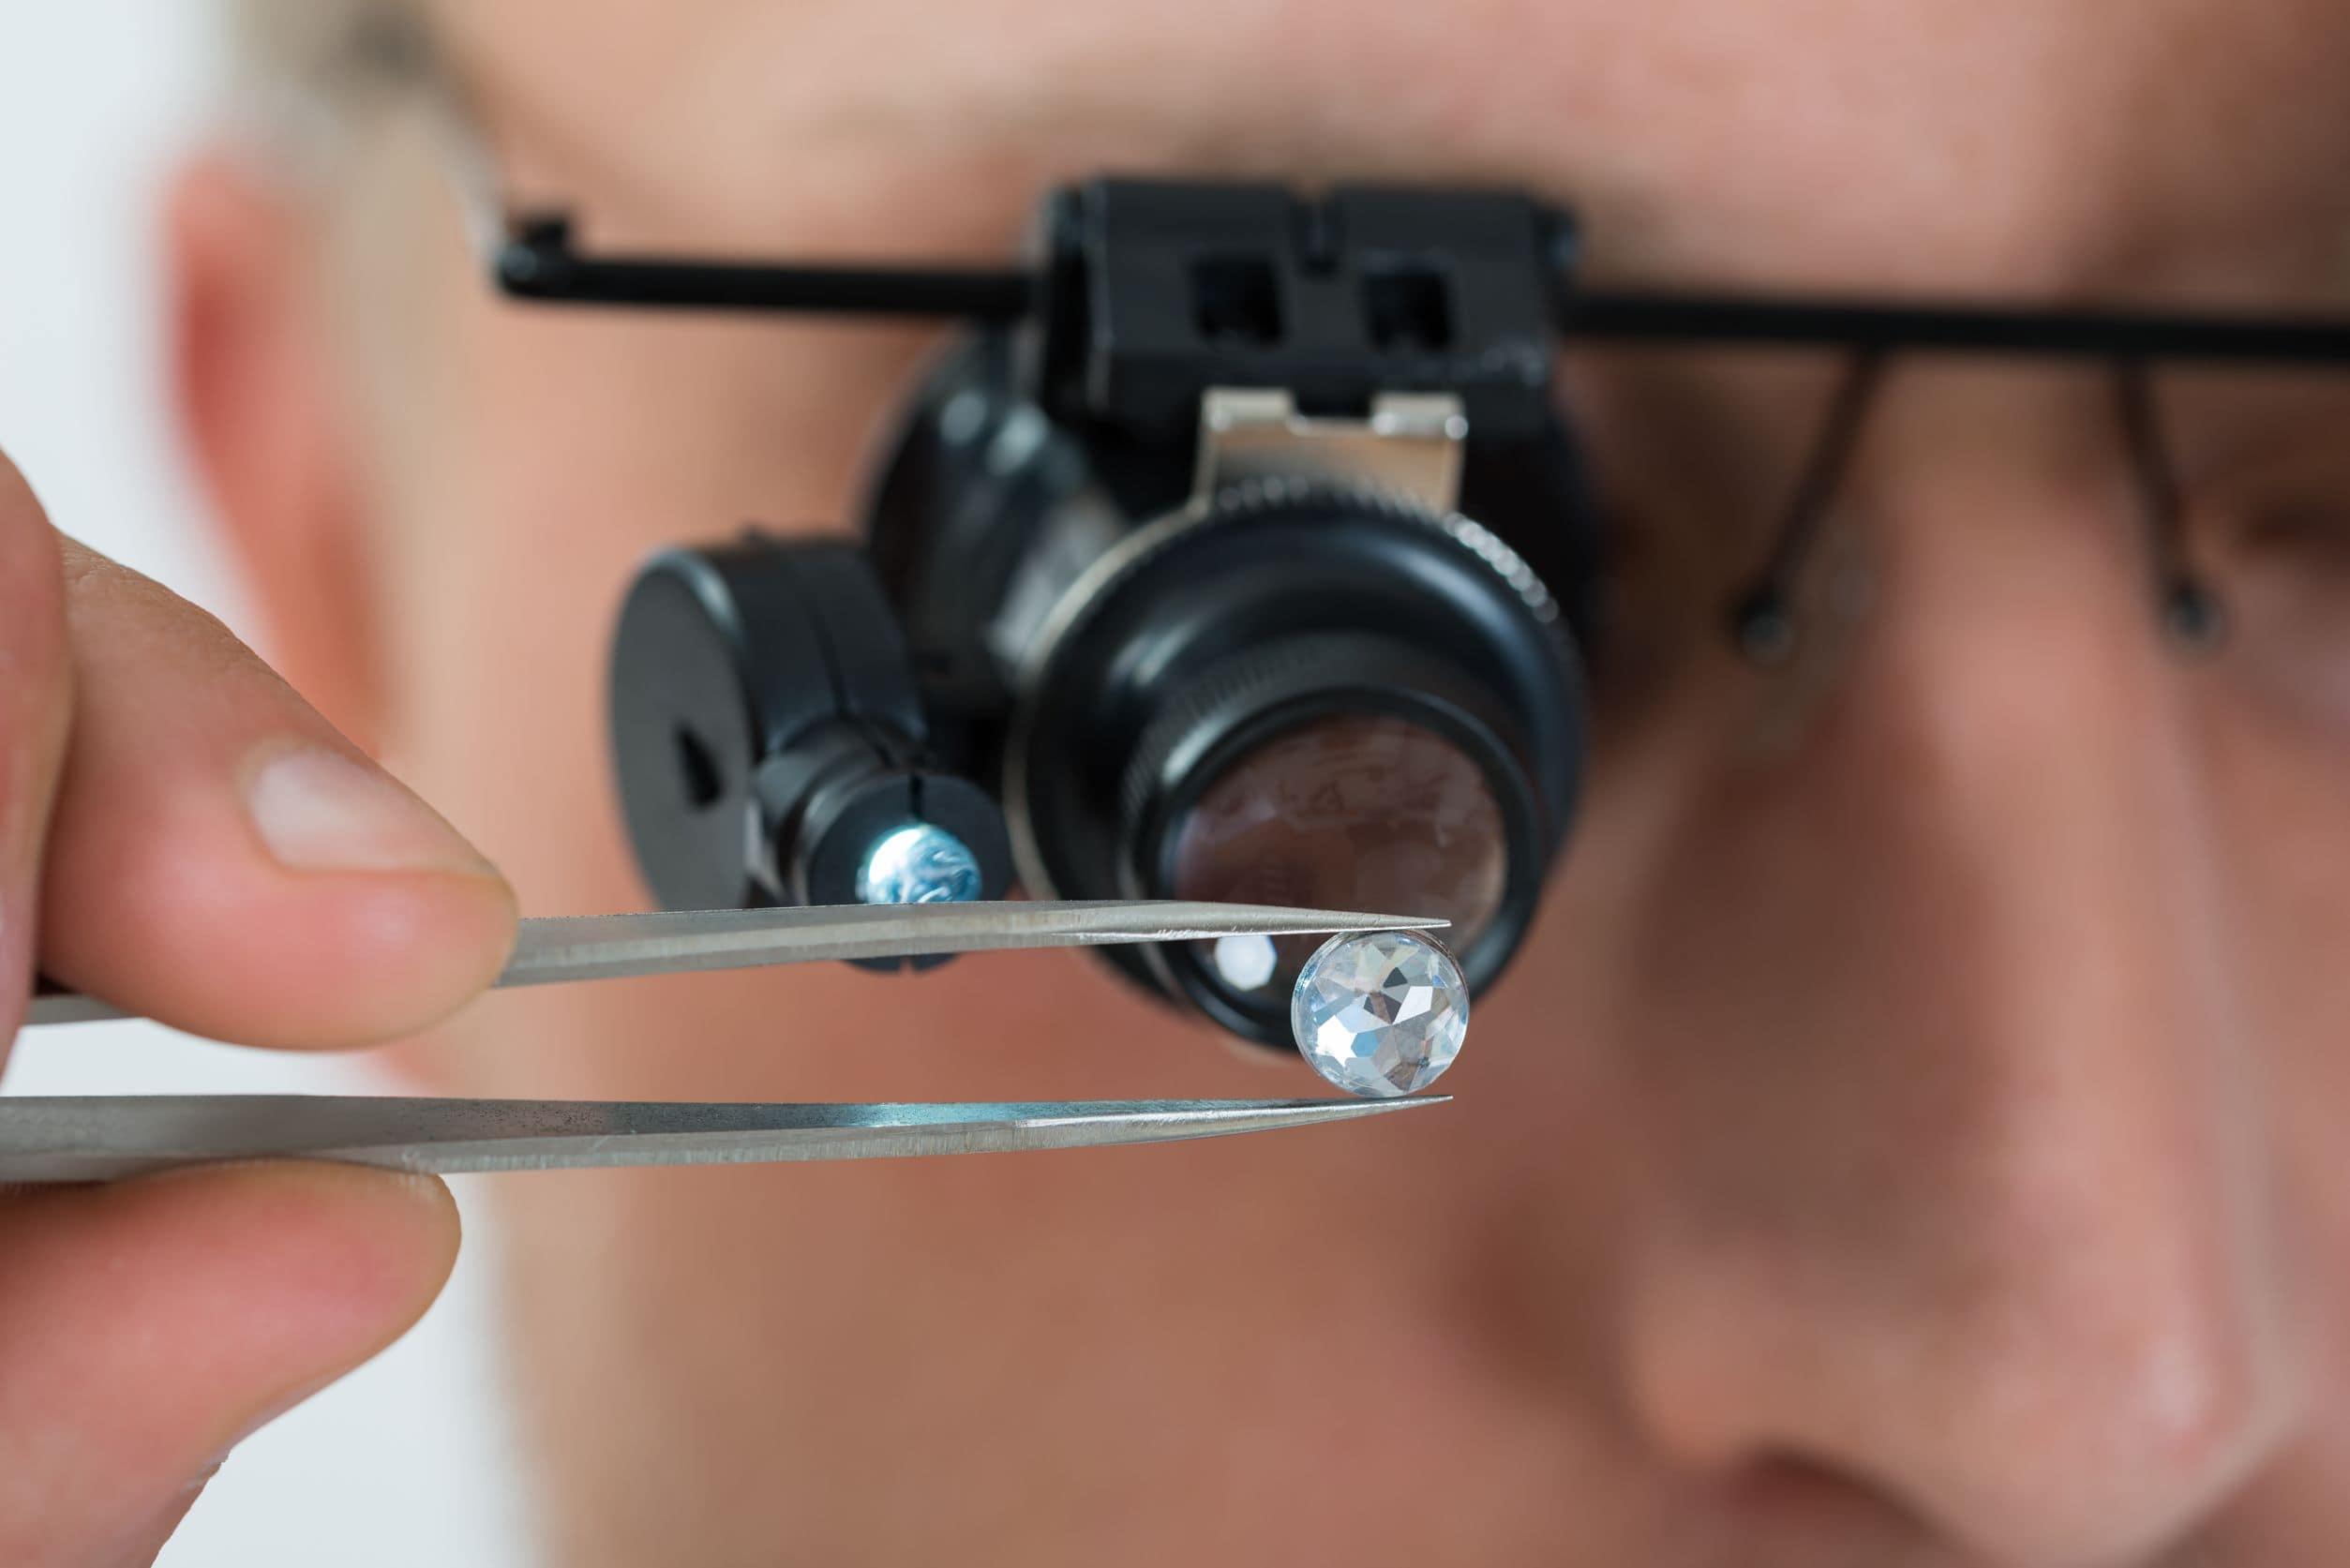 Ekspert vurderer en diamant